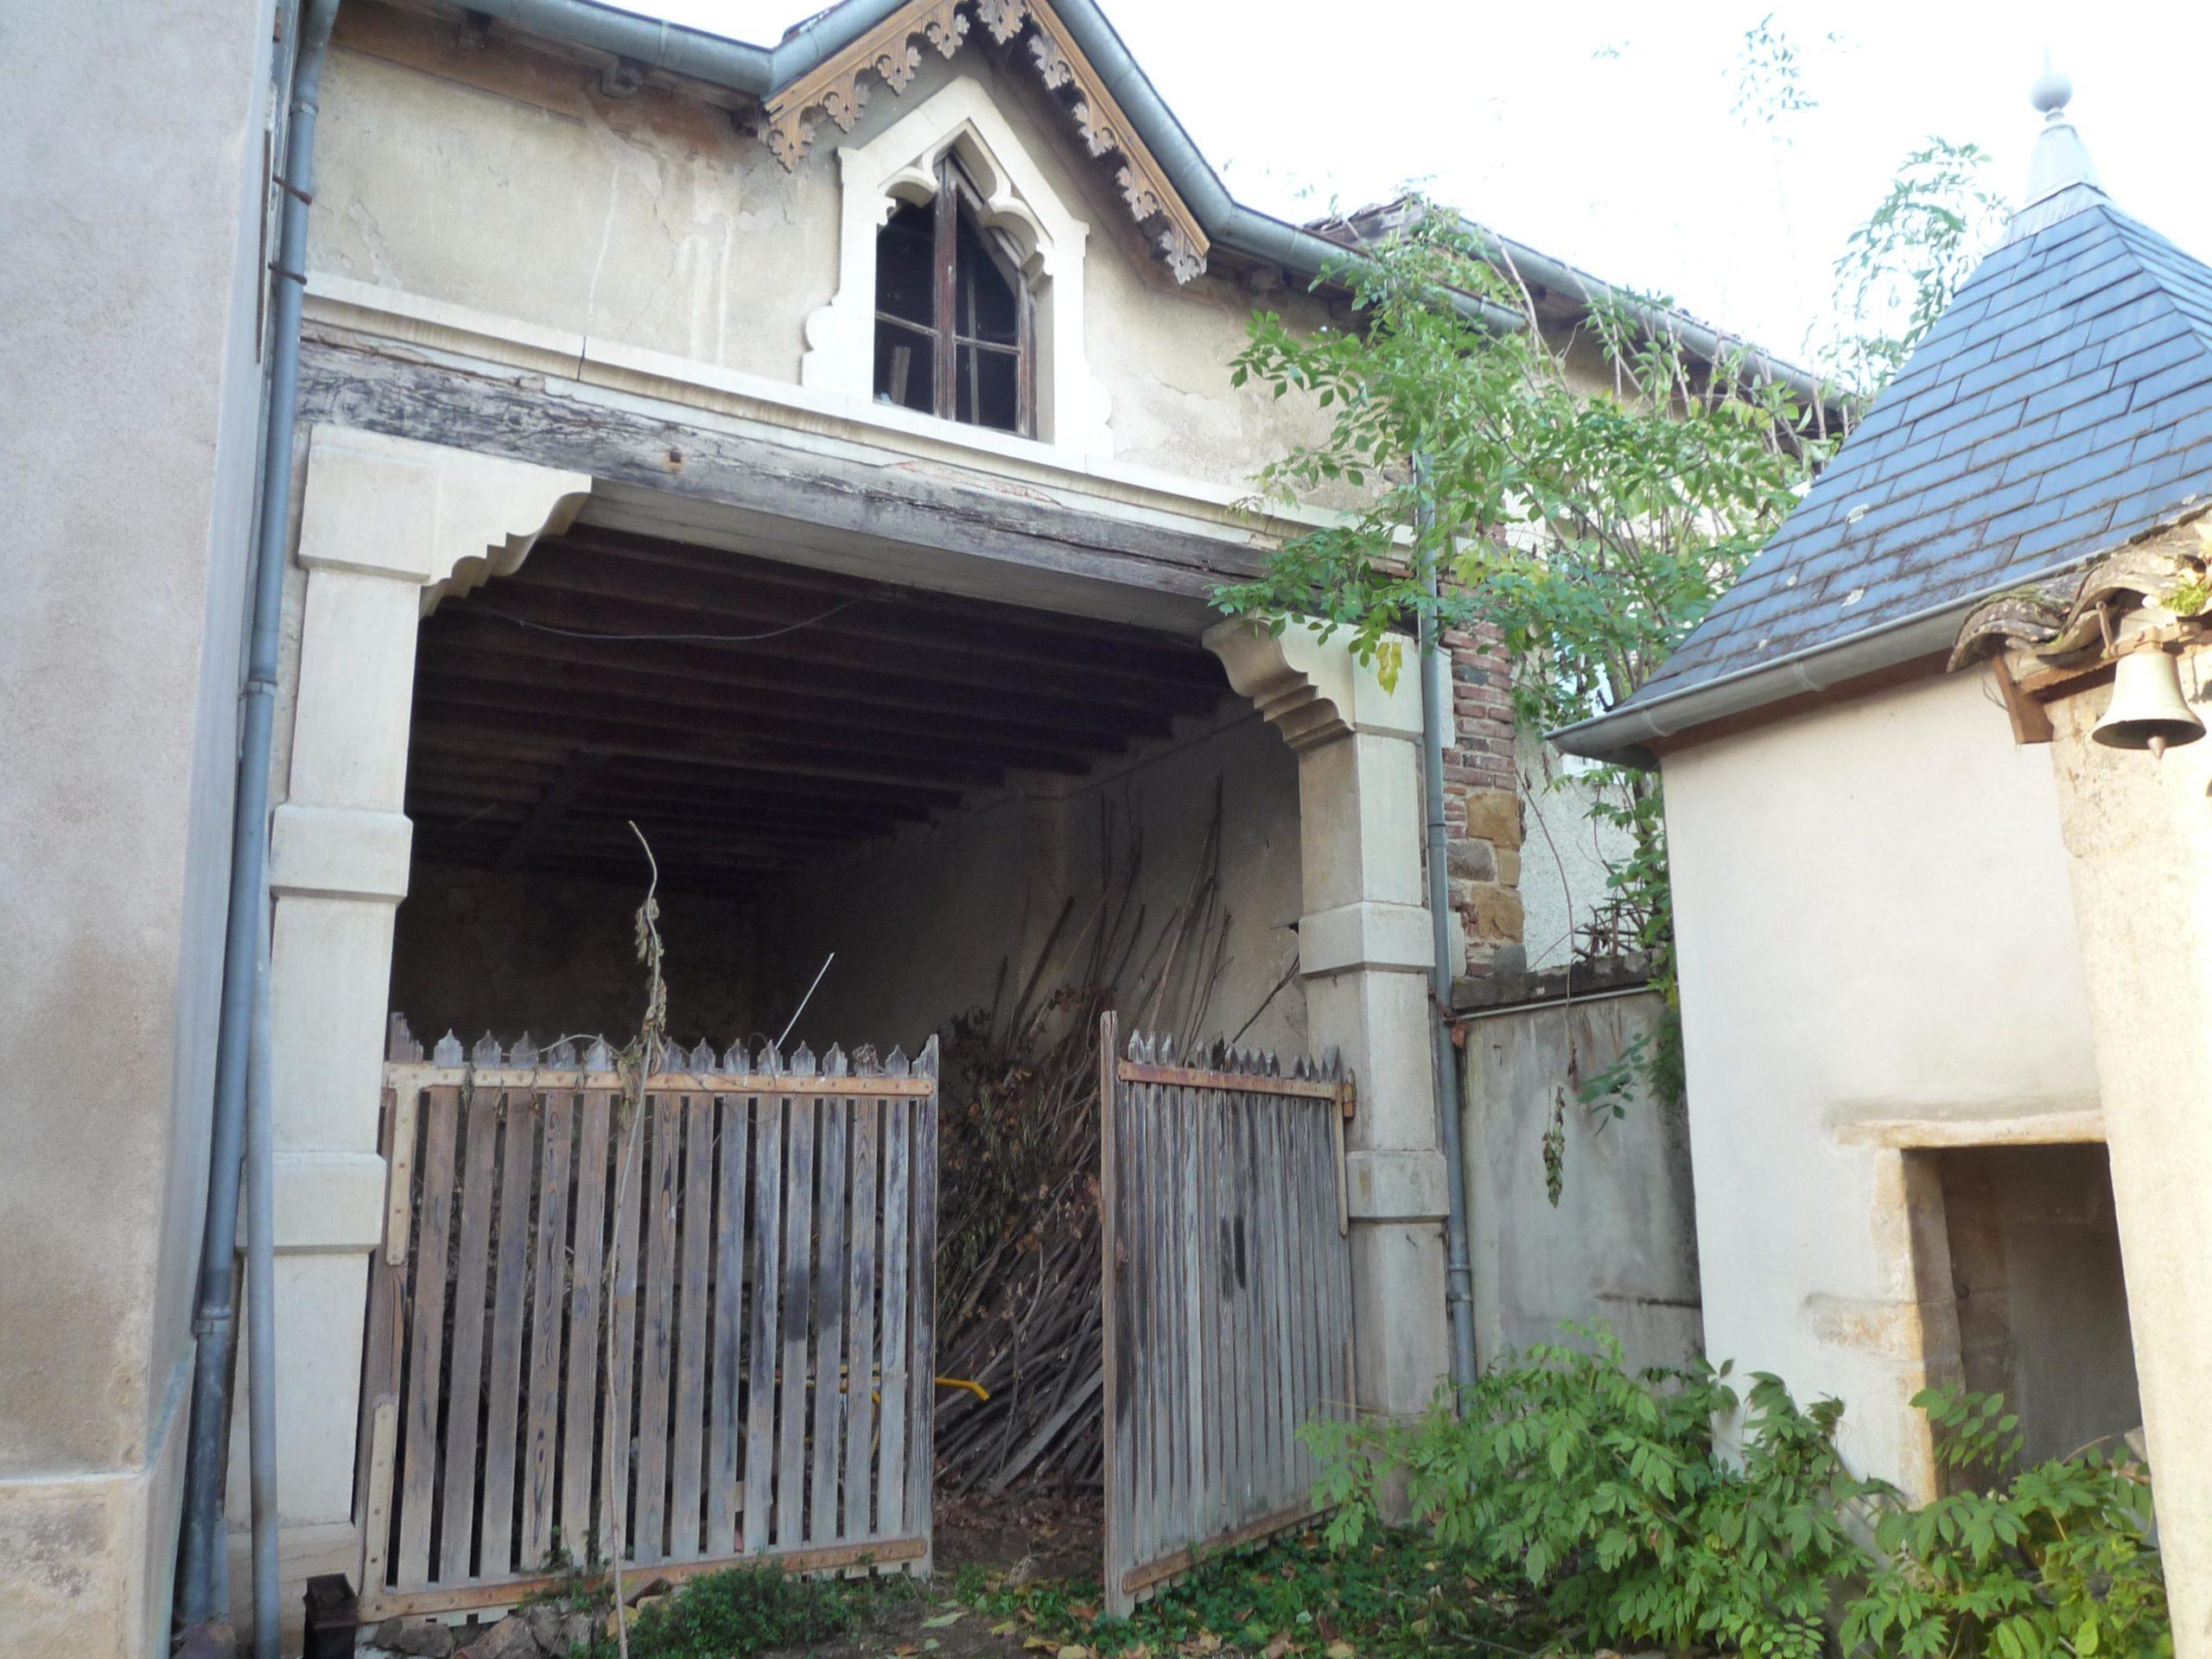 Perreon - Cologi - Habitat participatif - authenticité - ancienne école